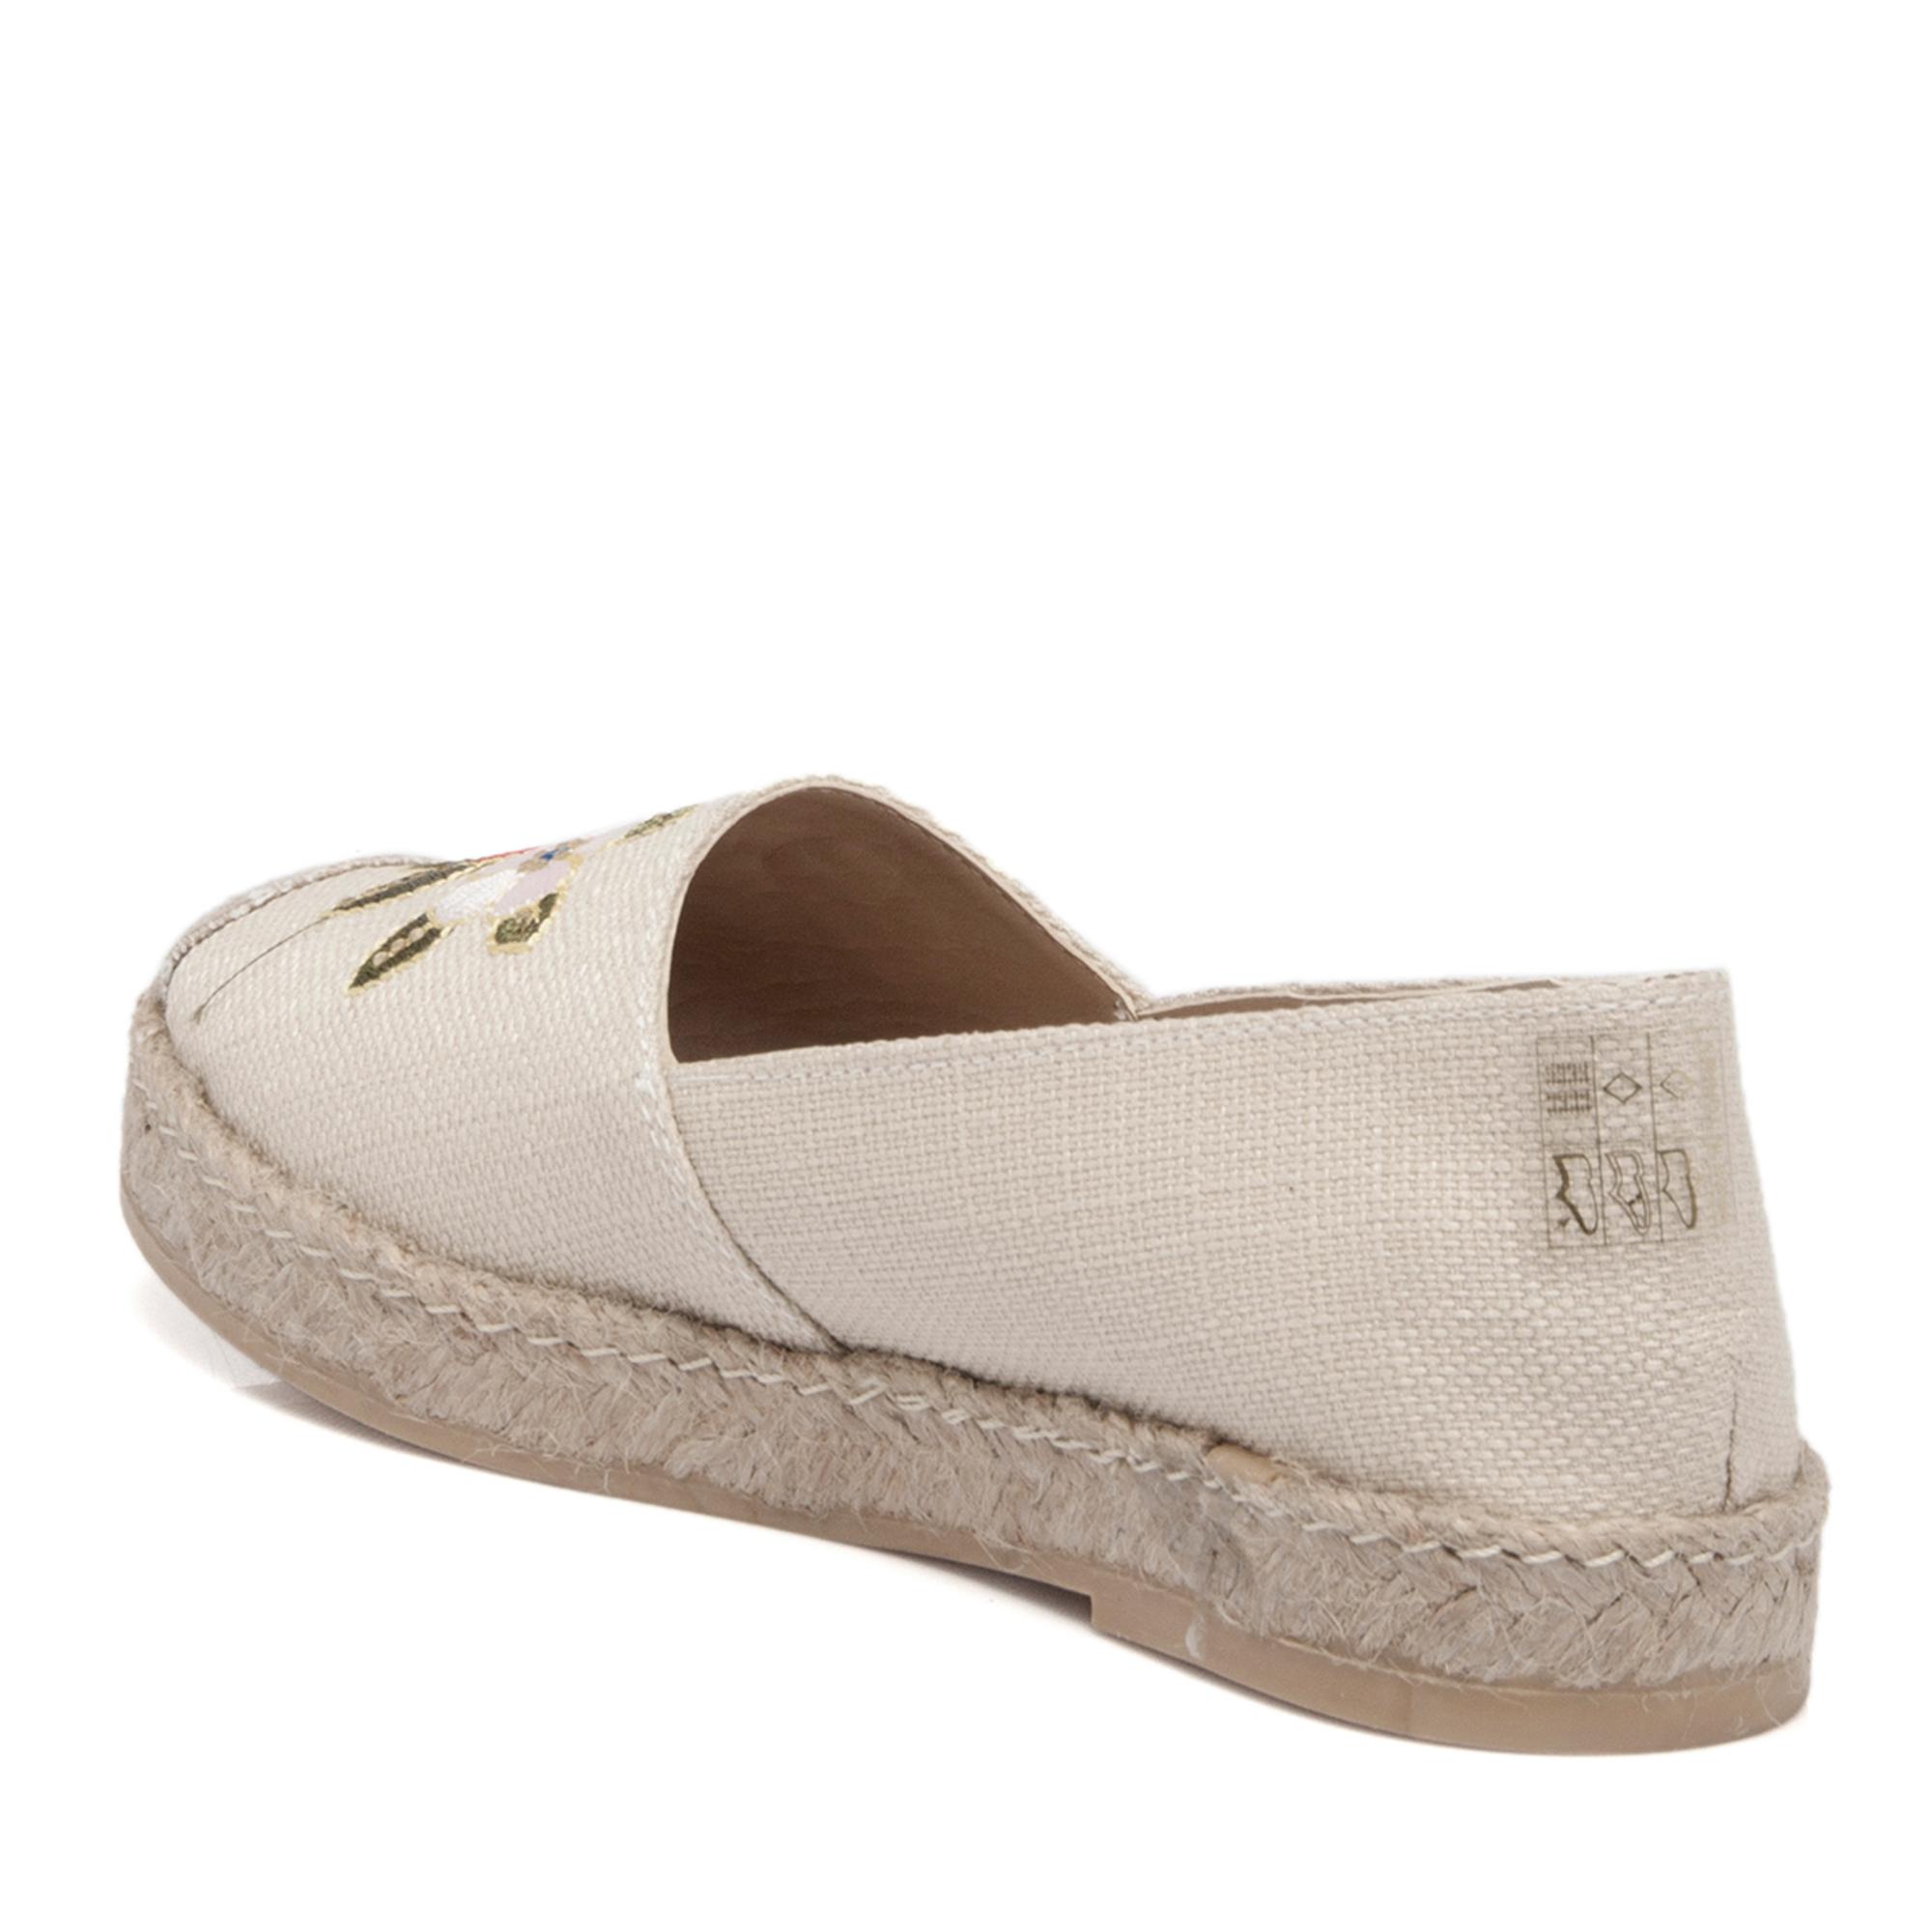 Bej Tekstil Kadın Ayakkabı 64213M04